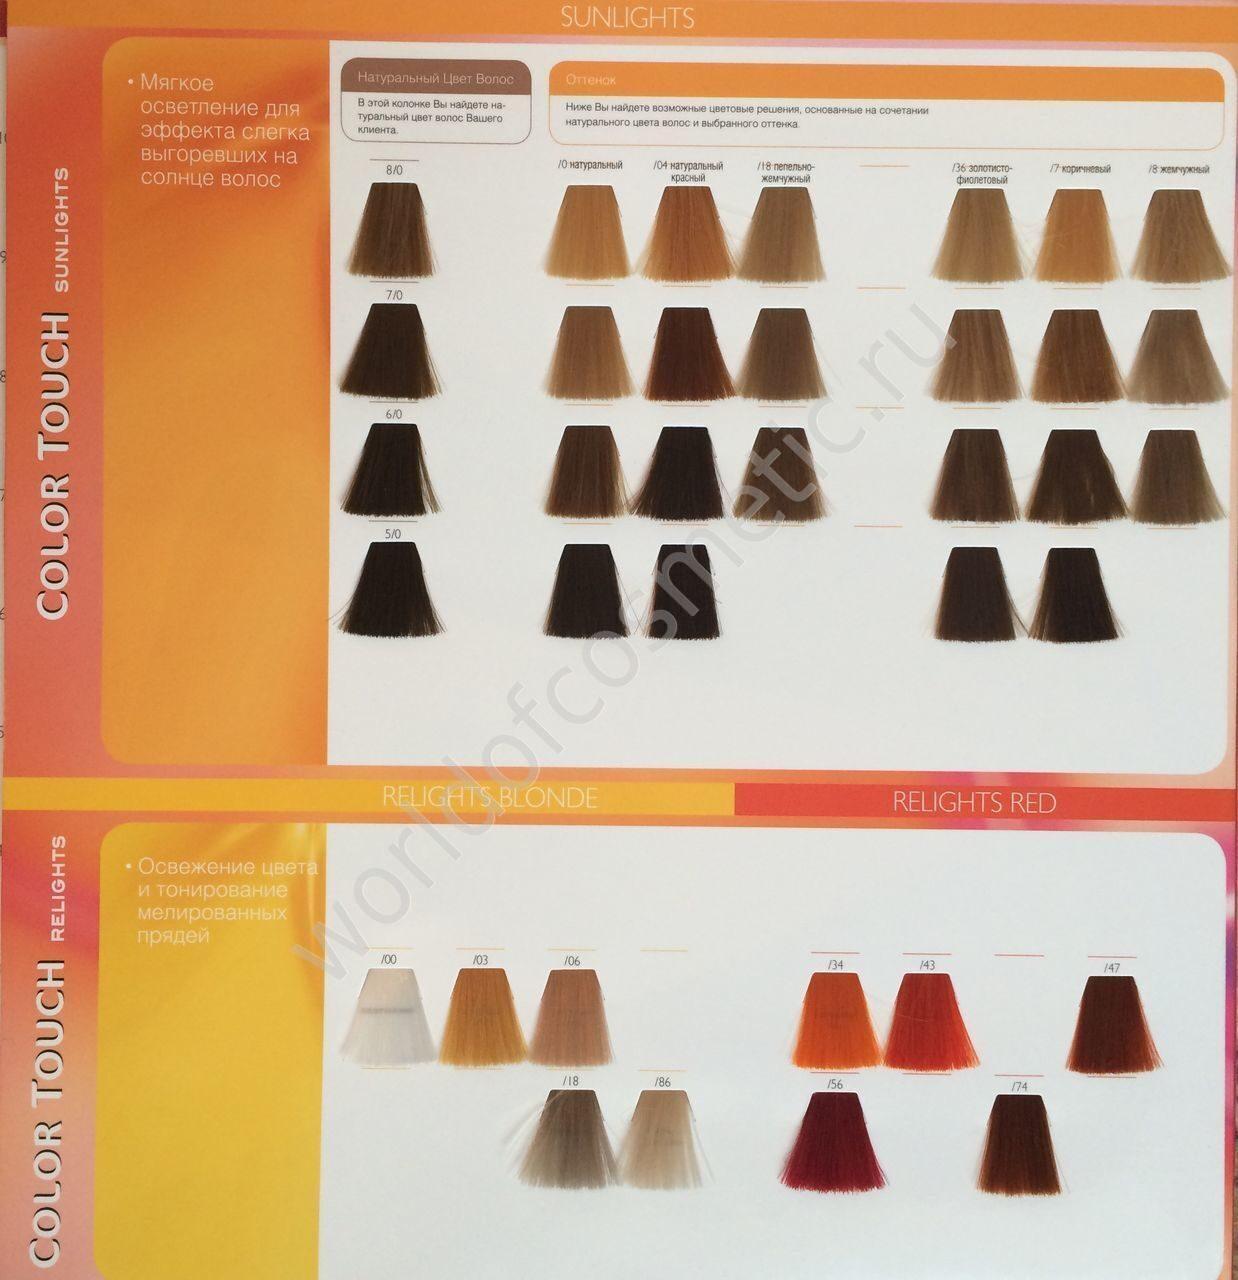 Колортач краска для волос отзывы